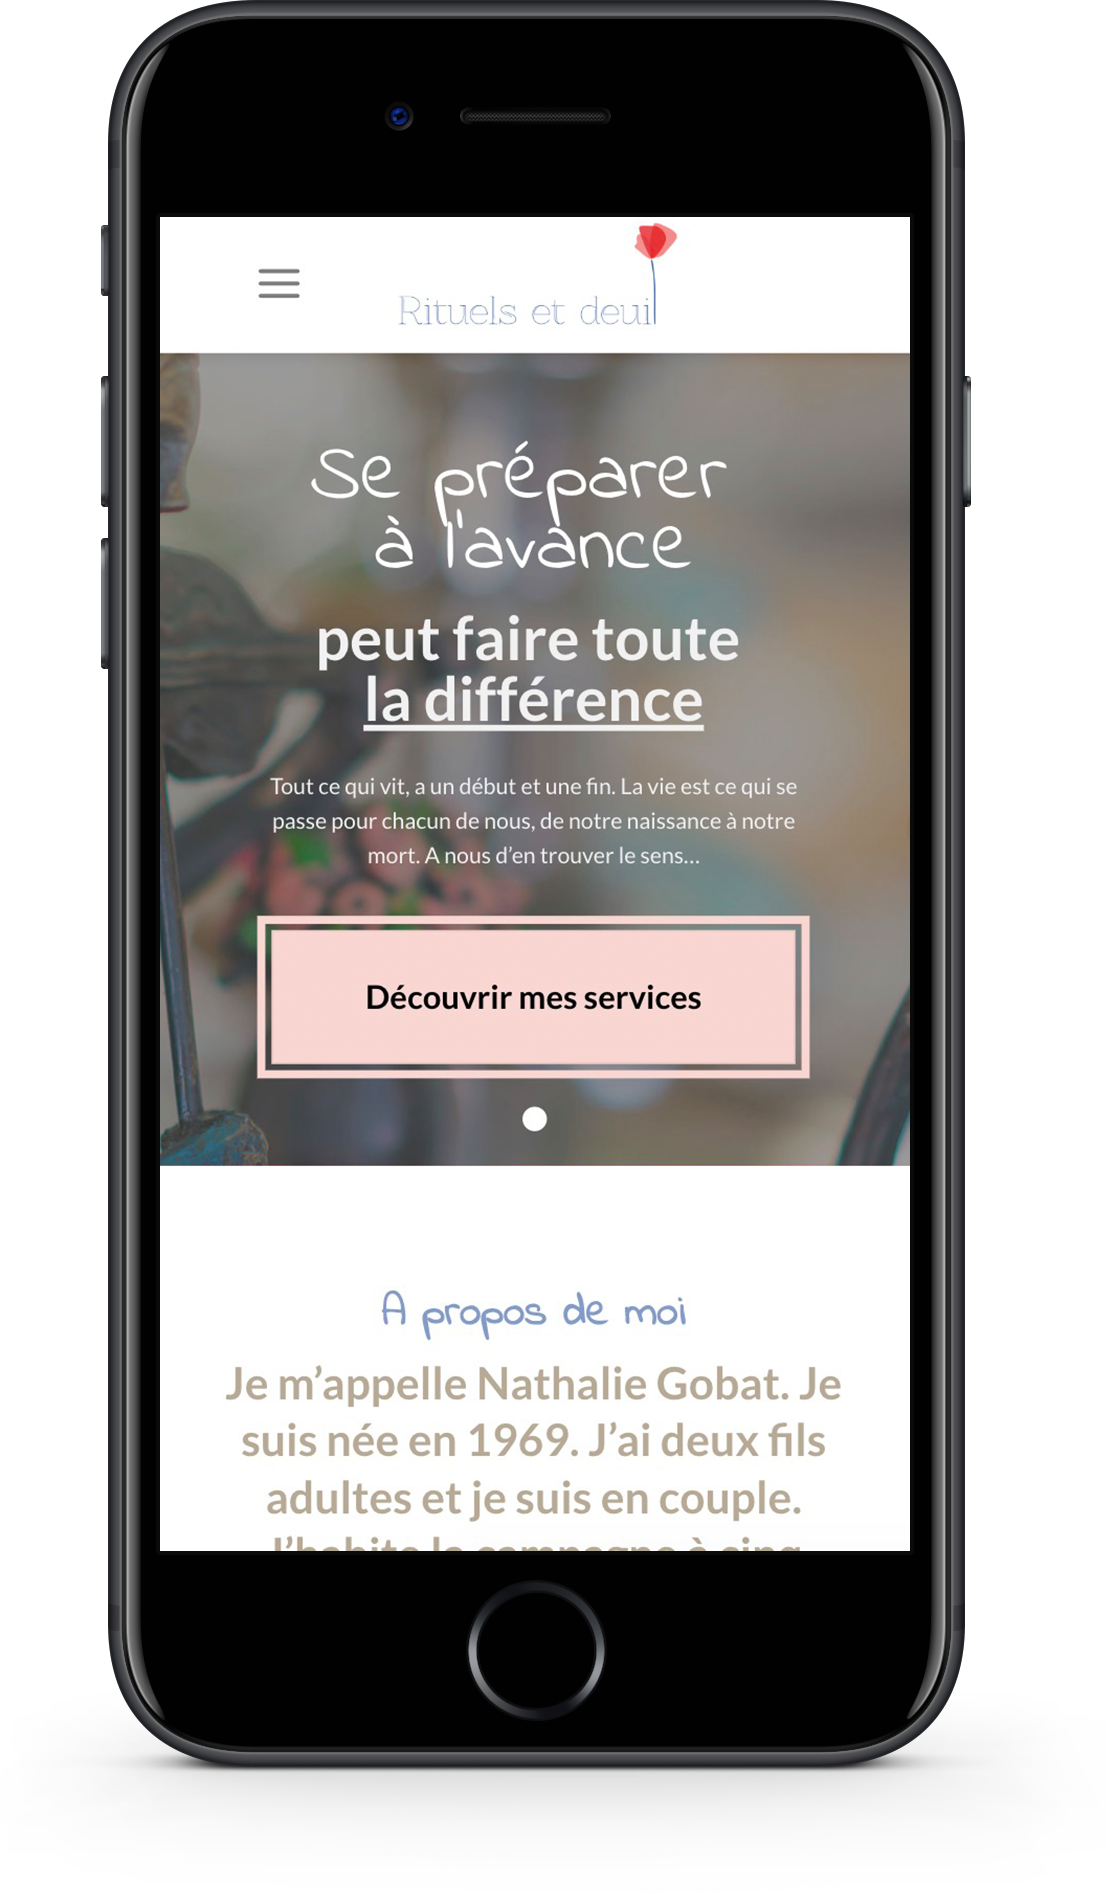 Optimisation Mobile (UX) pour le site internet de Rituels et Deuil par l'agence développement web DigitalEra